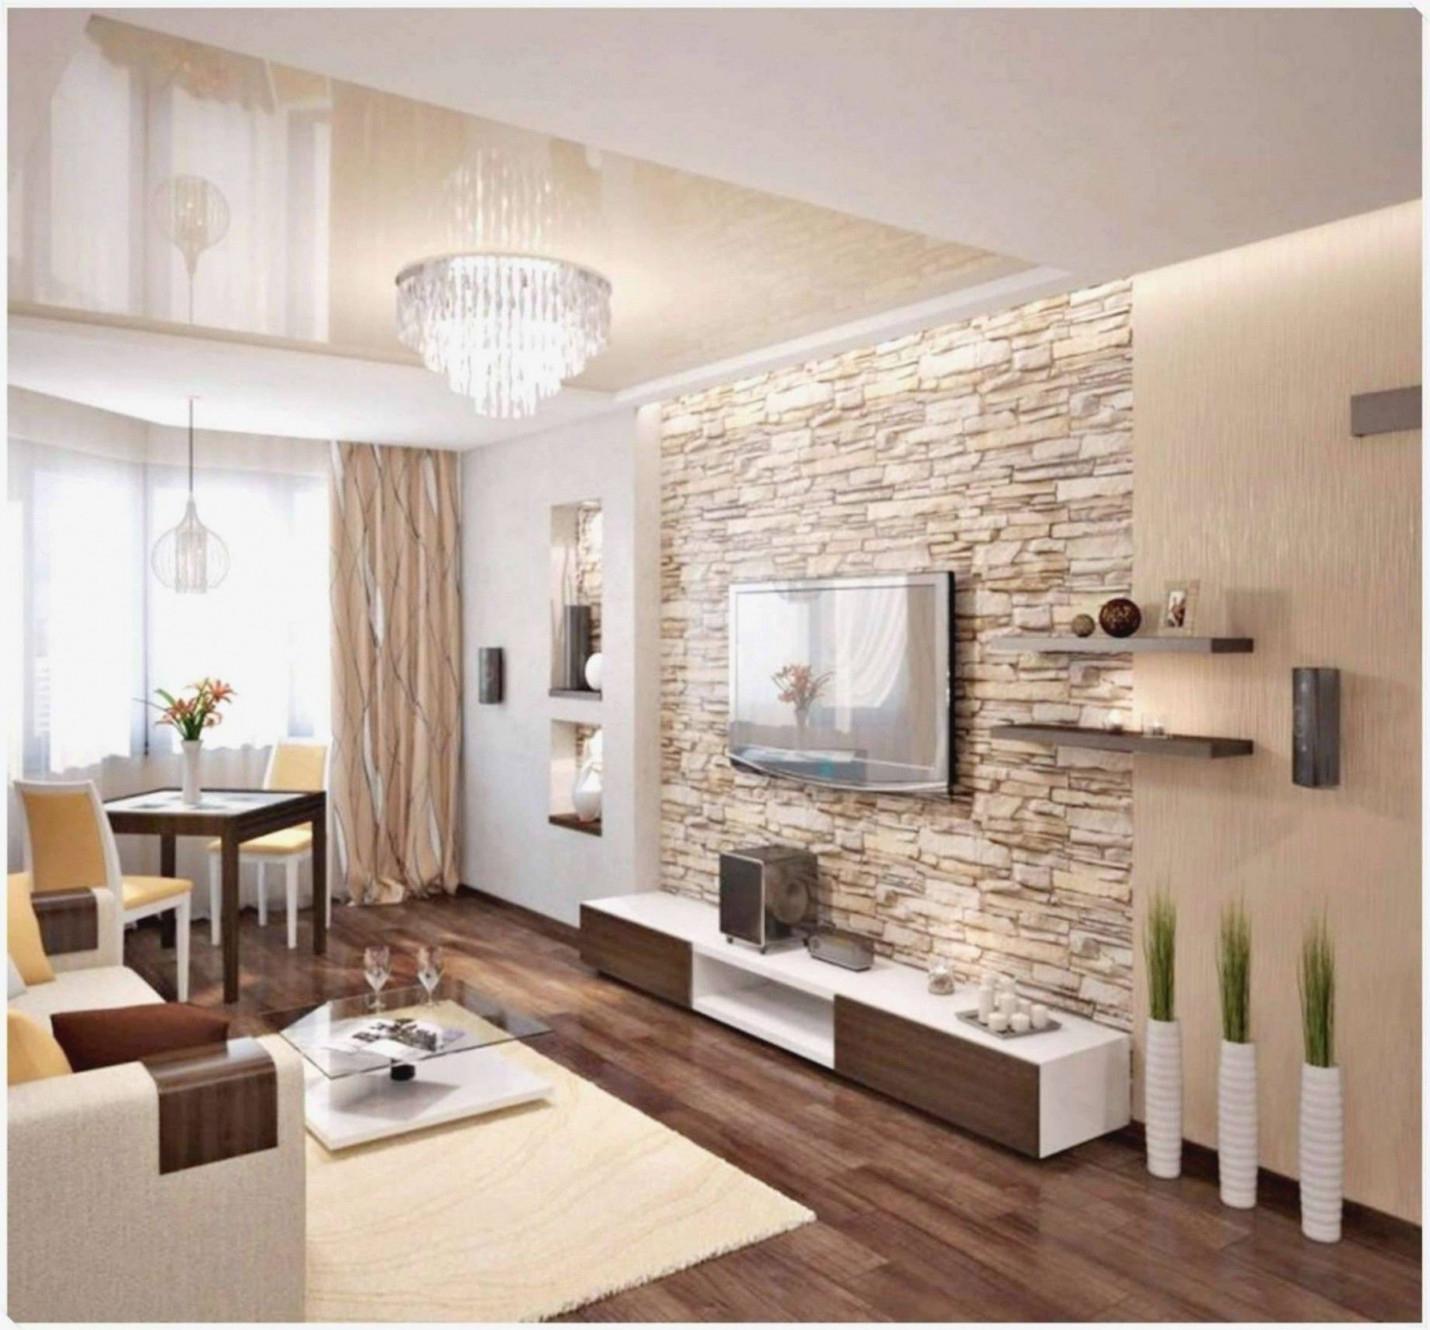 Deko Wohnzimmer Modern von Ideen Deko Wohnzimmer Photo